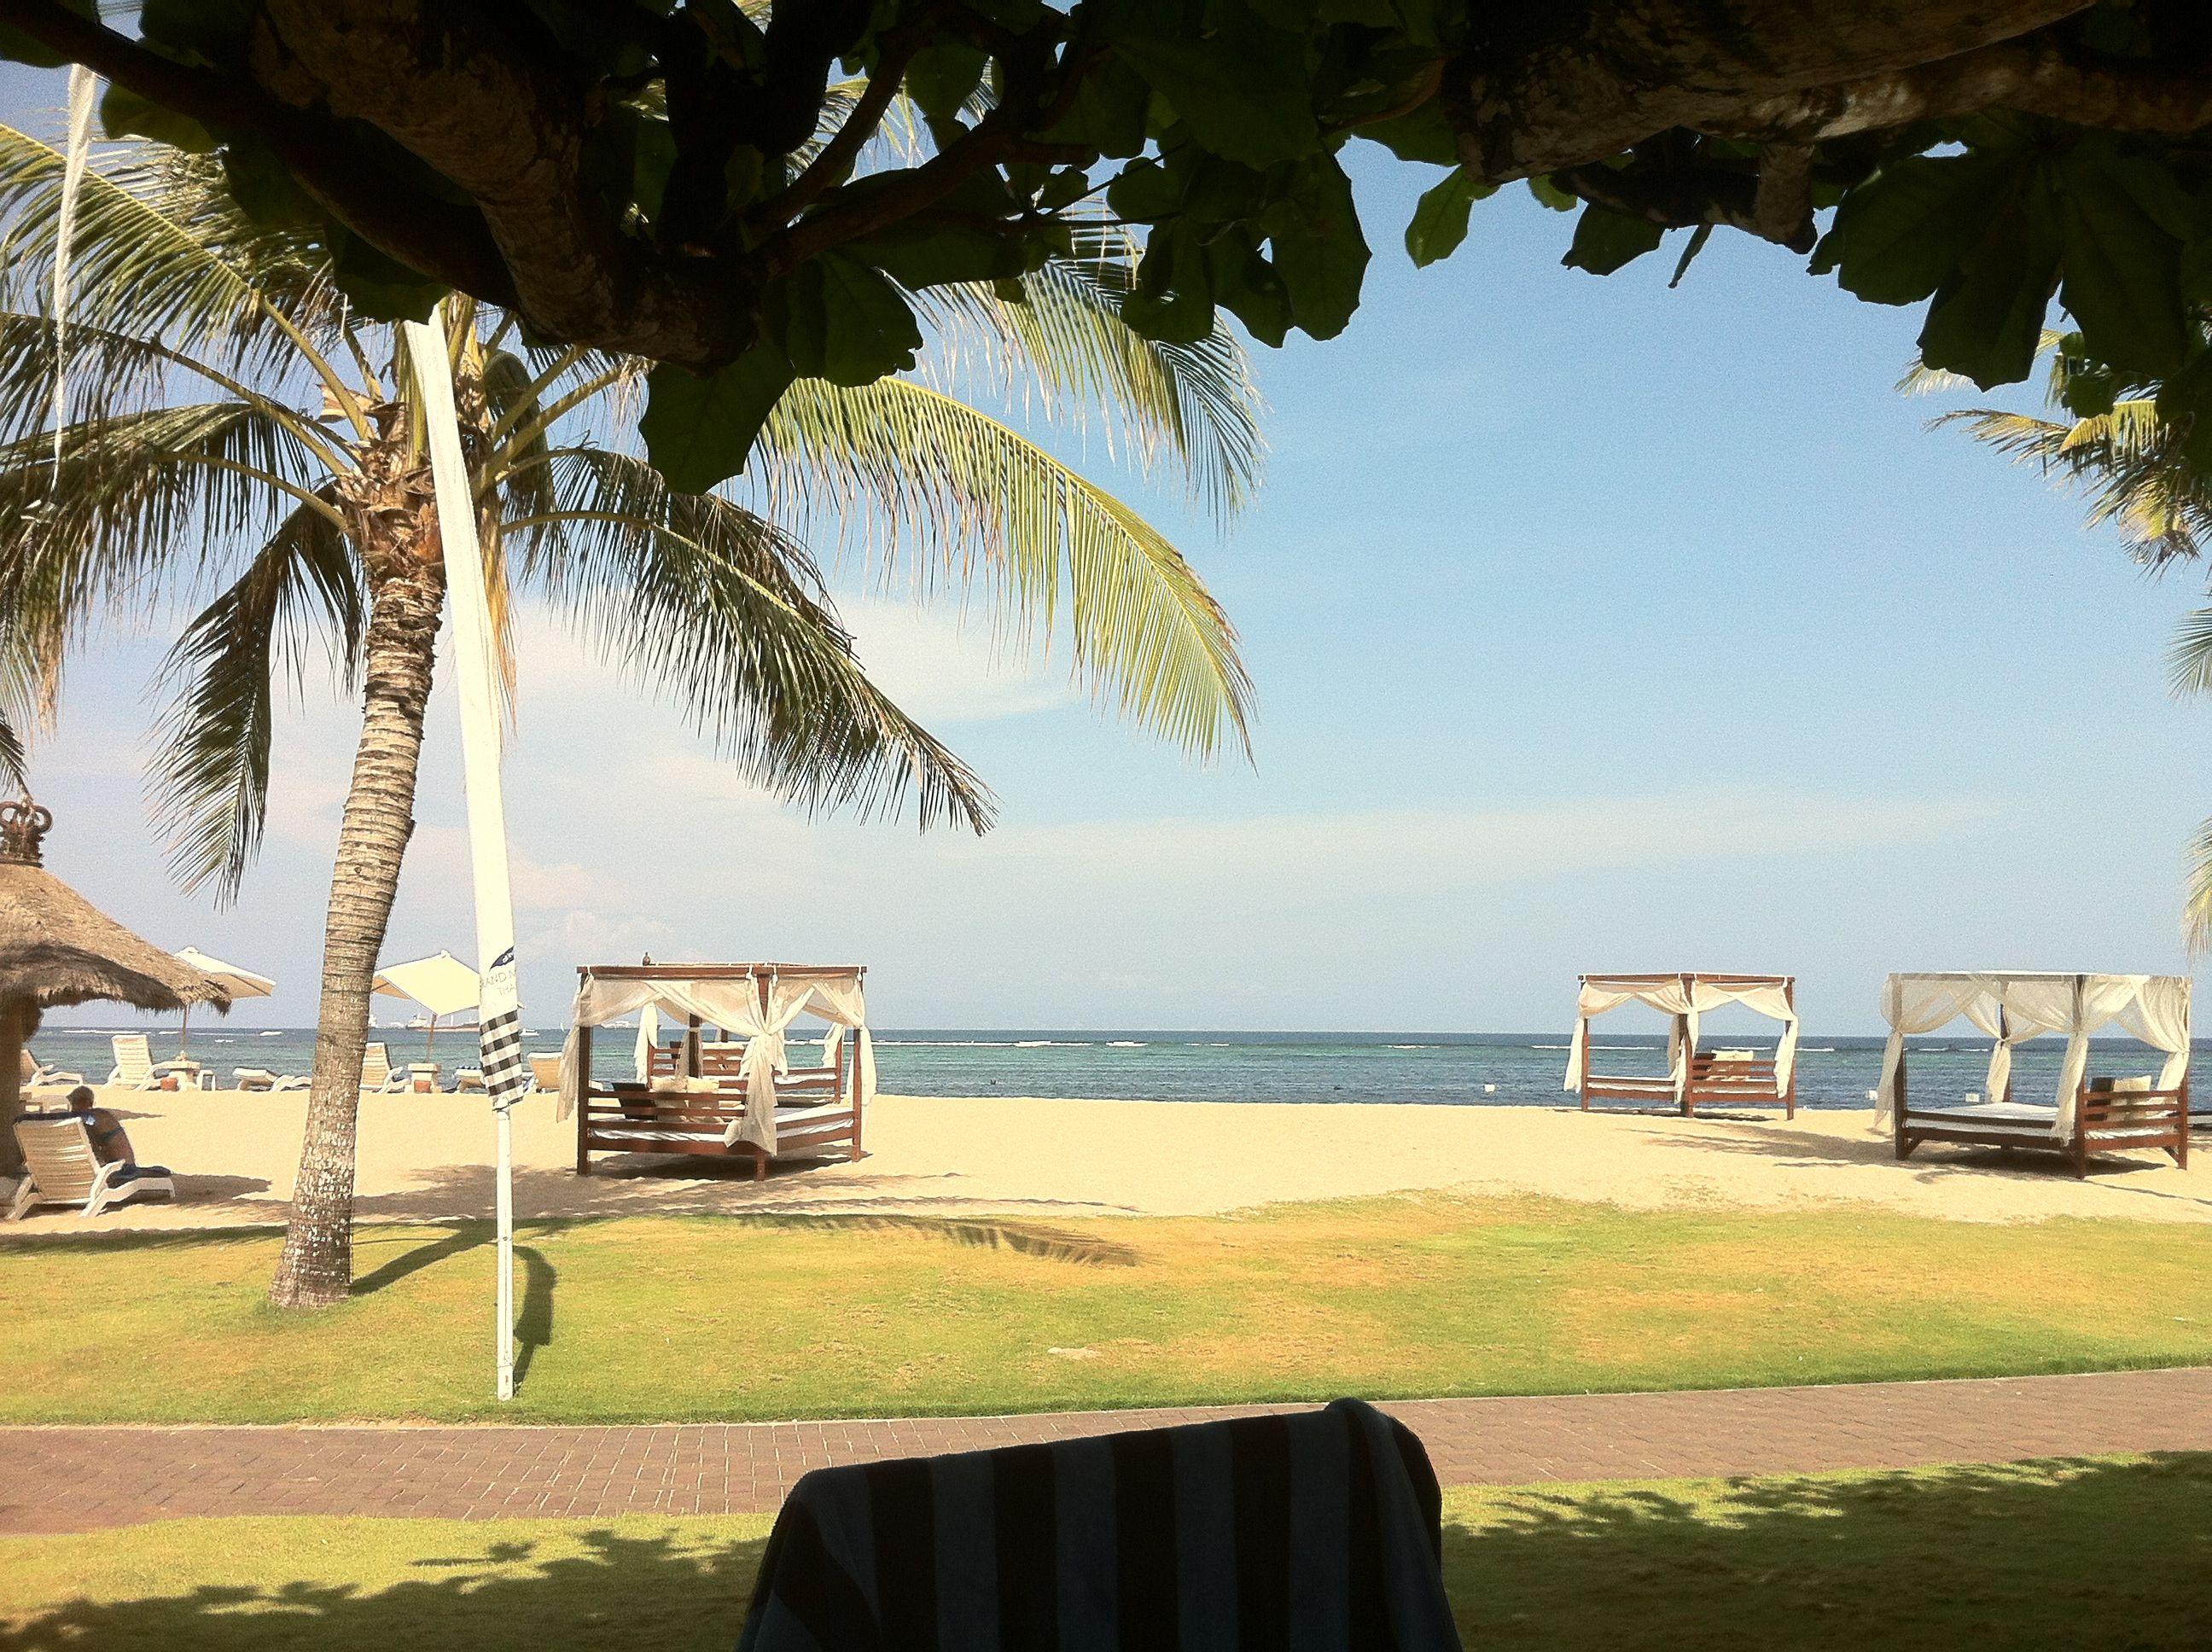 Grand Mirage Resort beach. Benoa-Bali